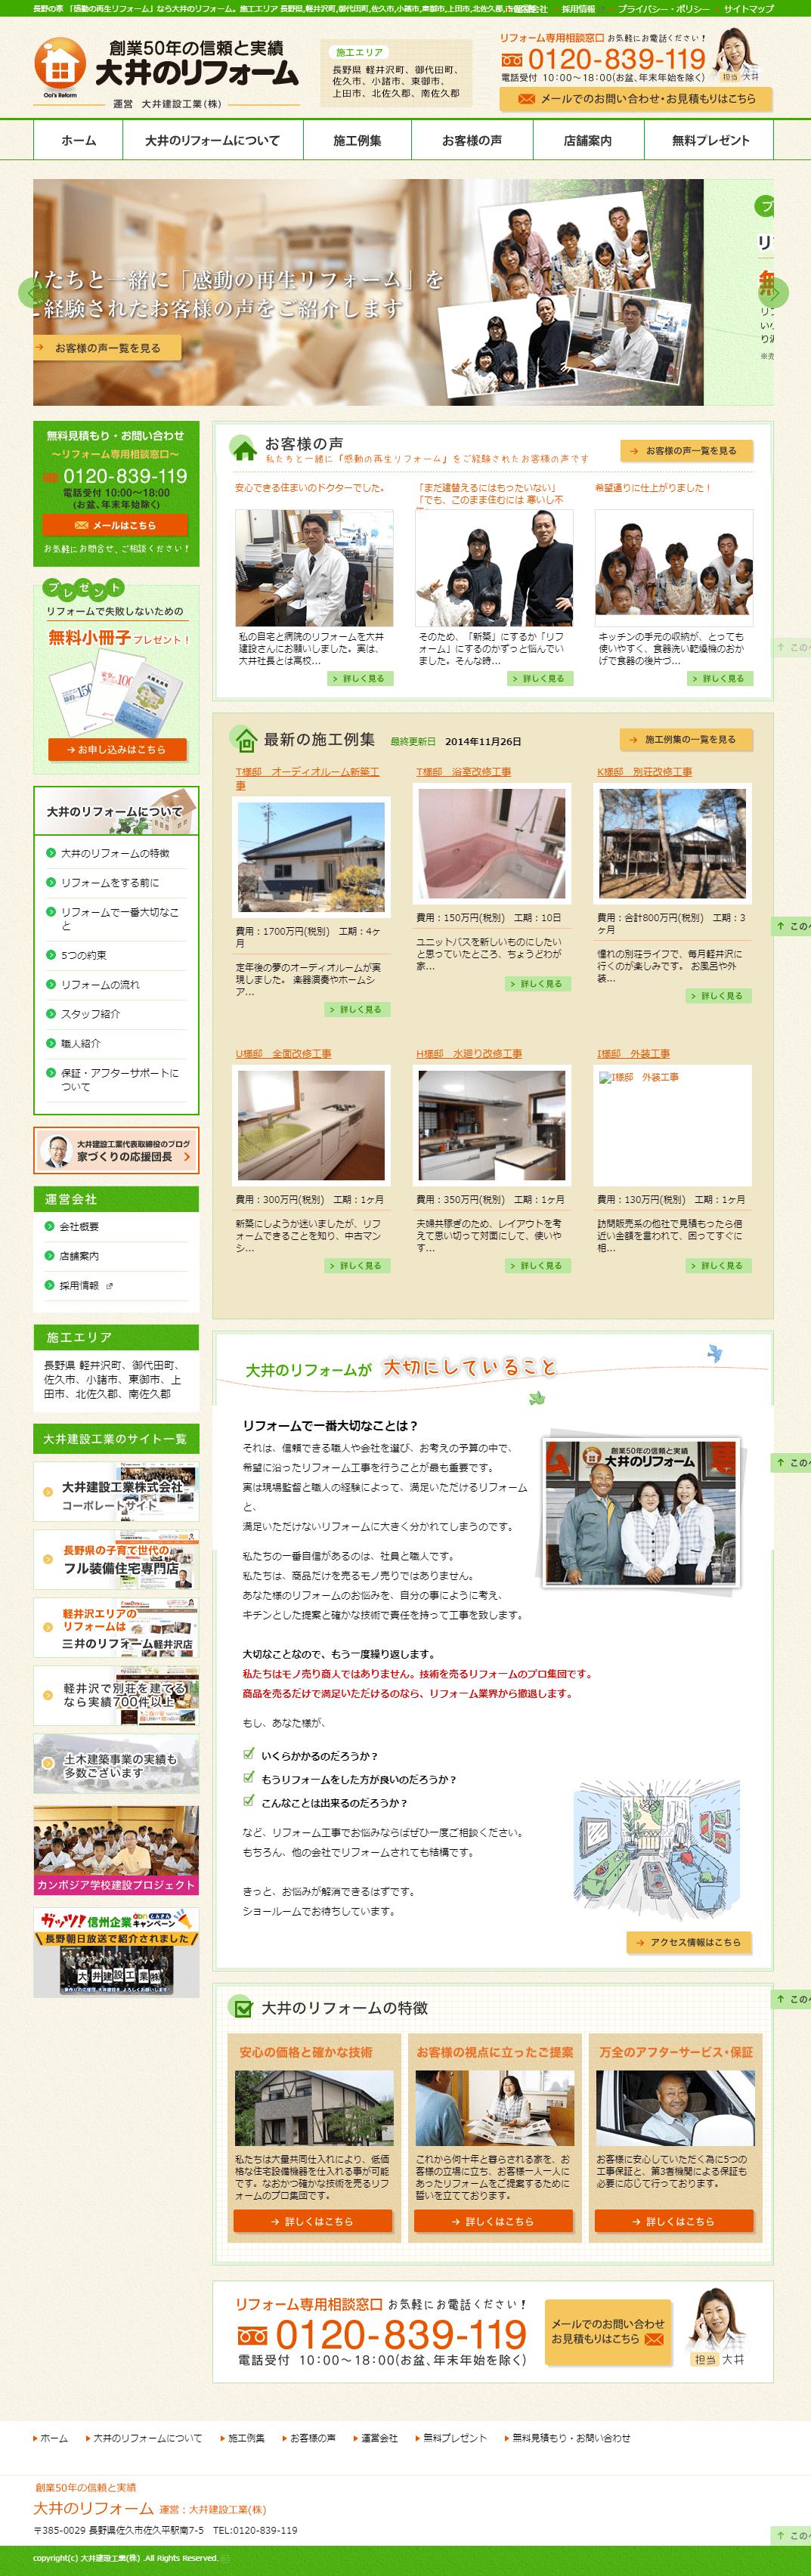 大井のリフォーム様 ホームページ制作1